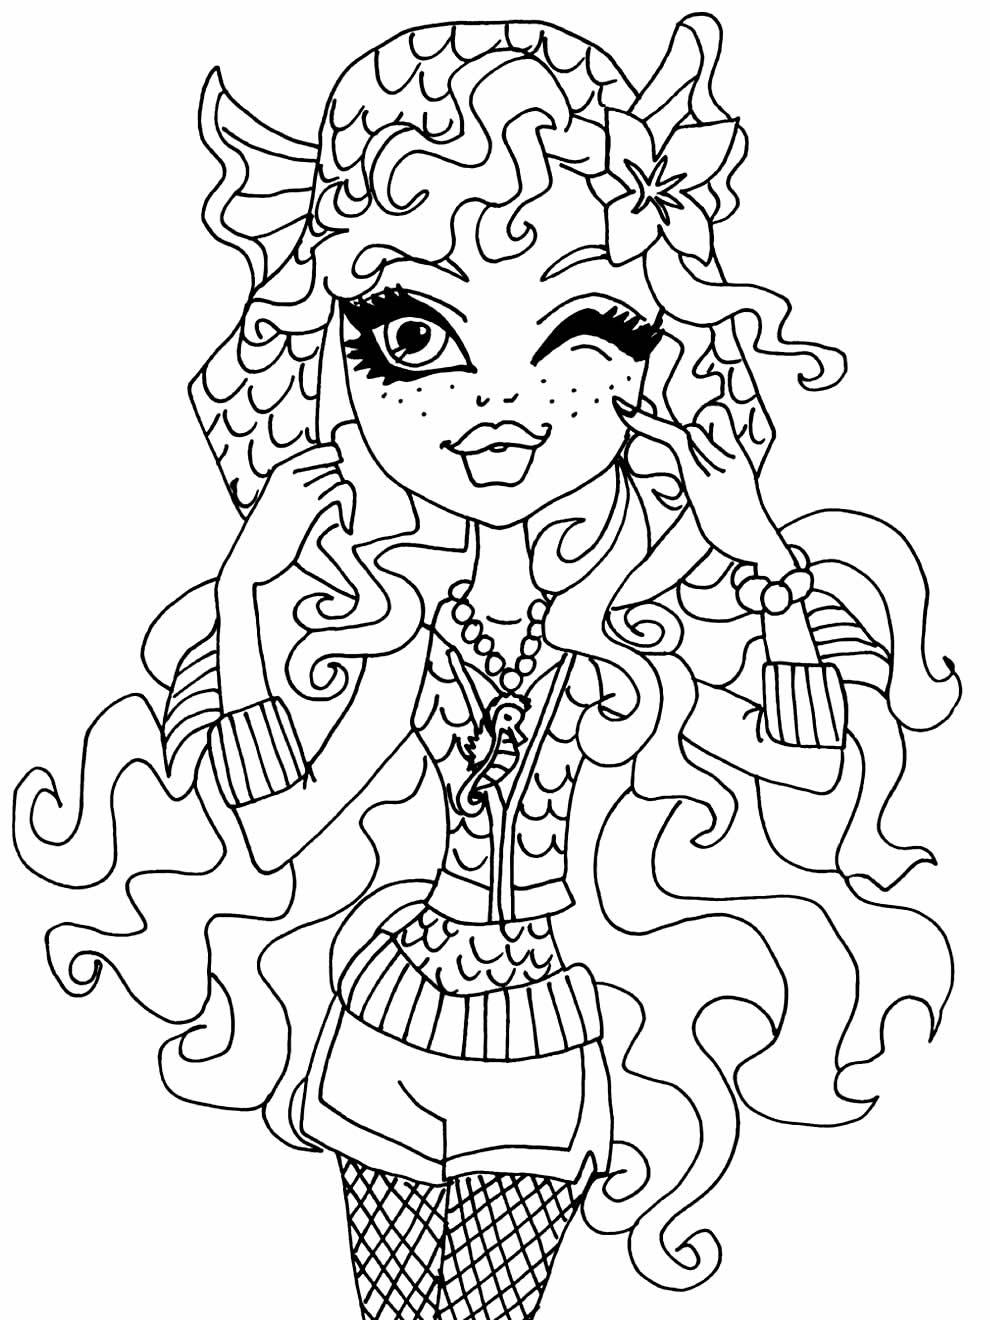 Imagem de Monster High para imprimir e colorir